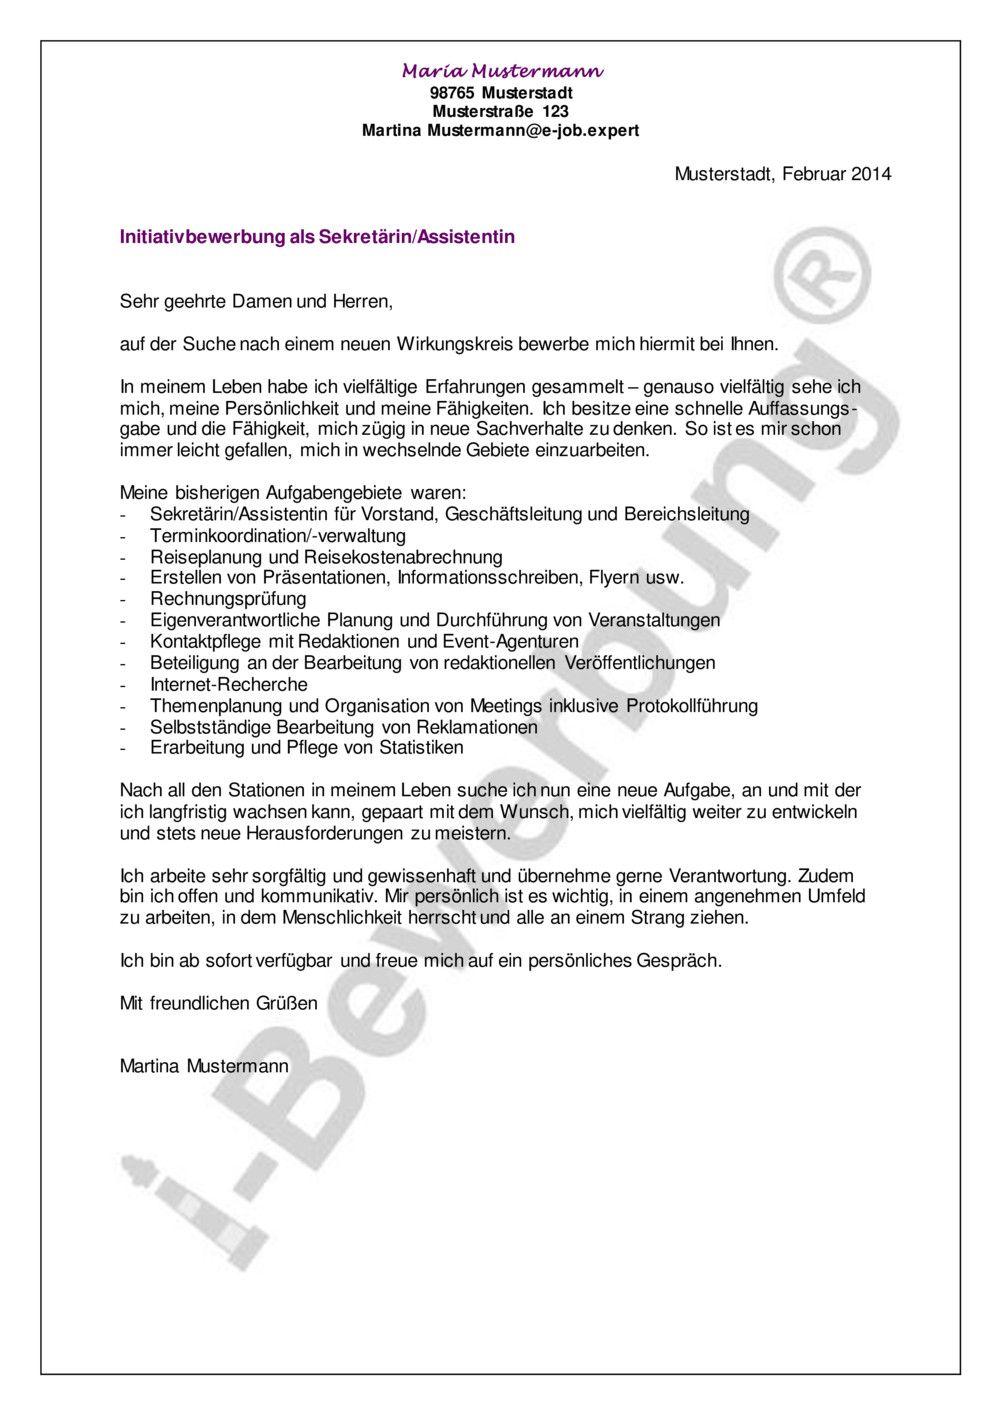 Initiativbewerbung Als Sekretarin Assistentin Beispiel In 2020 Bewerbung Anschreiben Muster Bewerbung Anschreiben Bewerbung